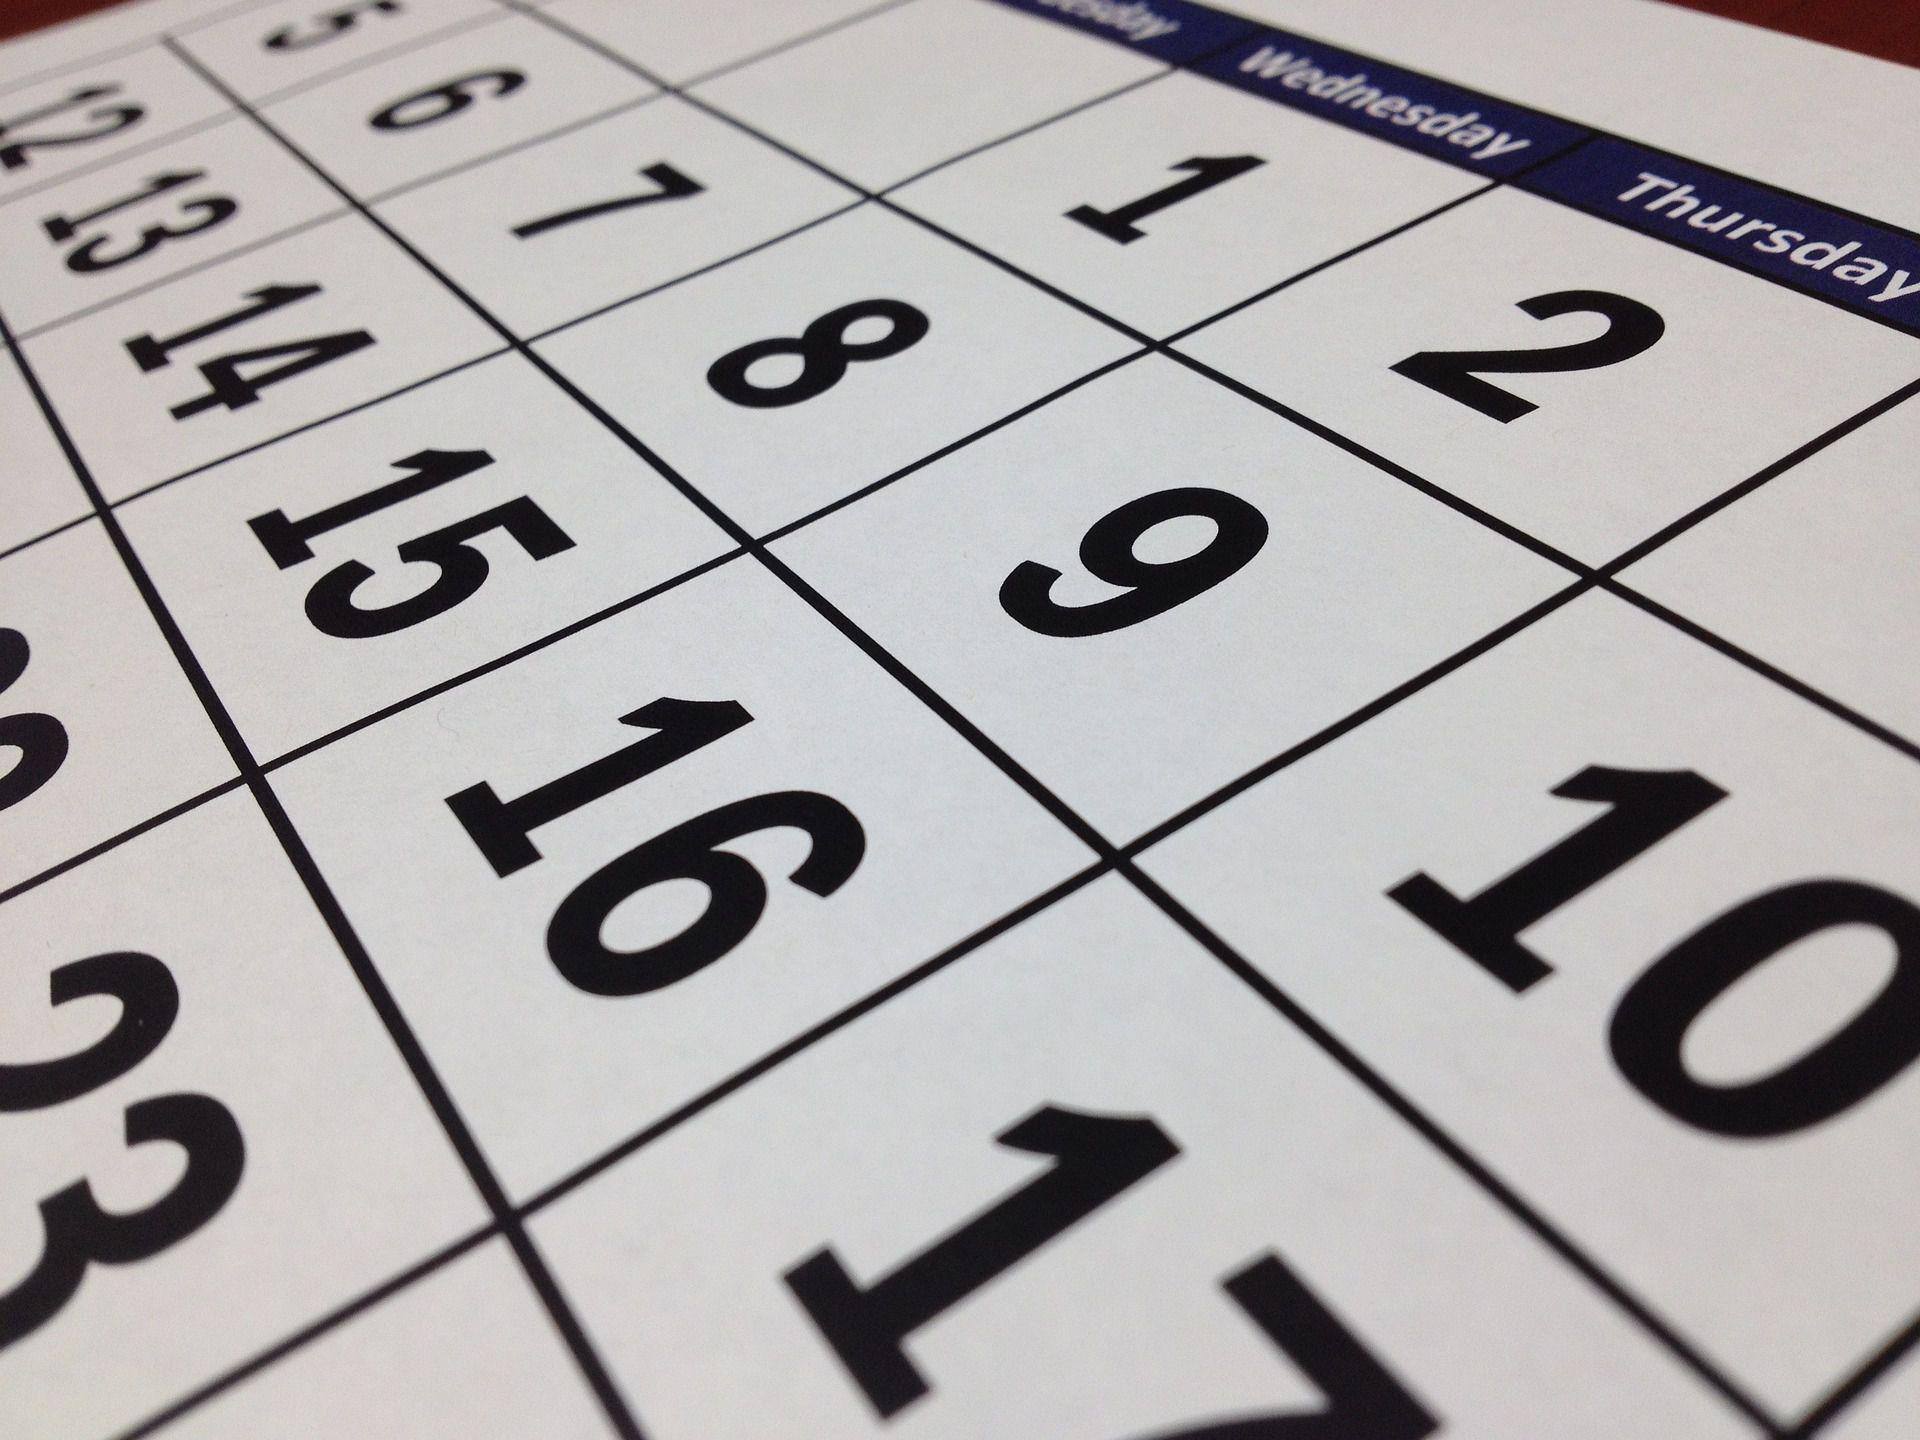 How to Sync Google Calendar With Thunderbird